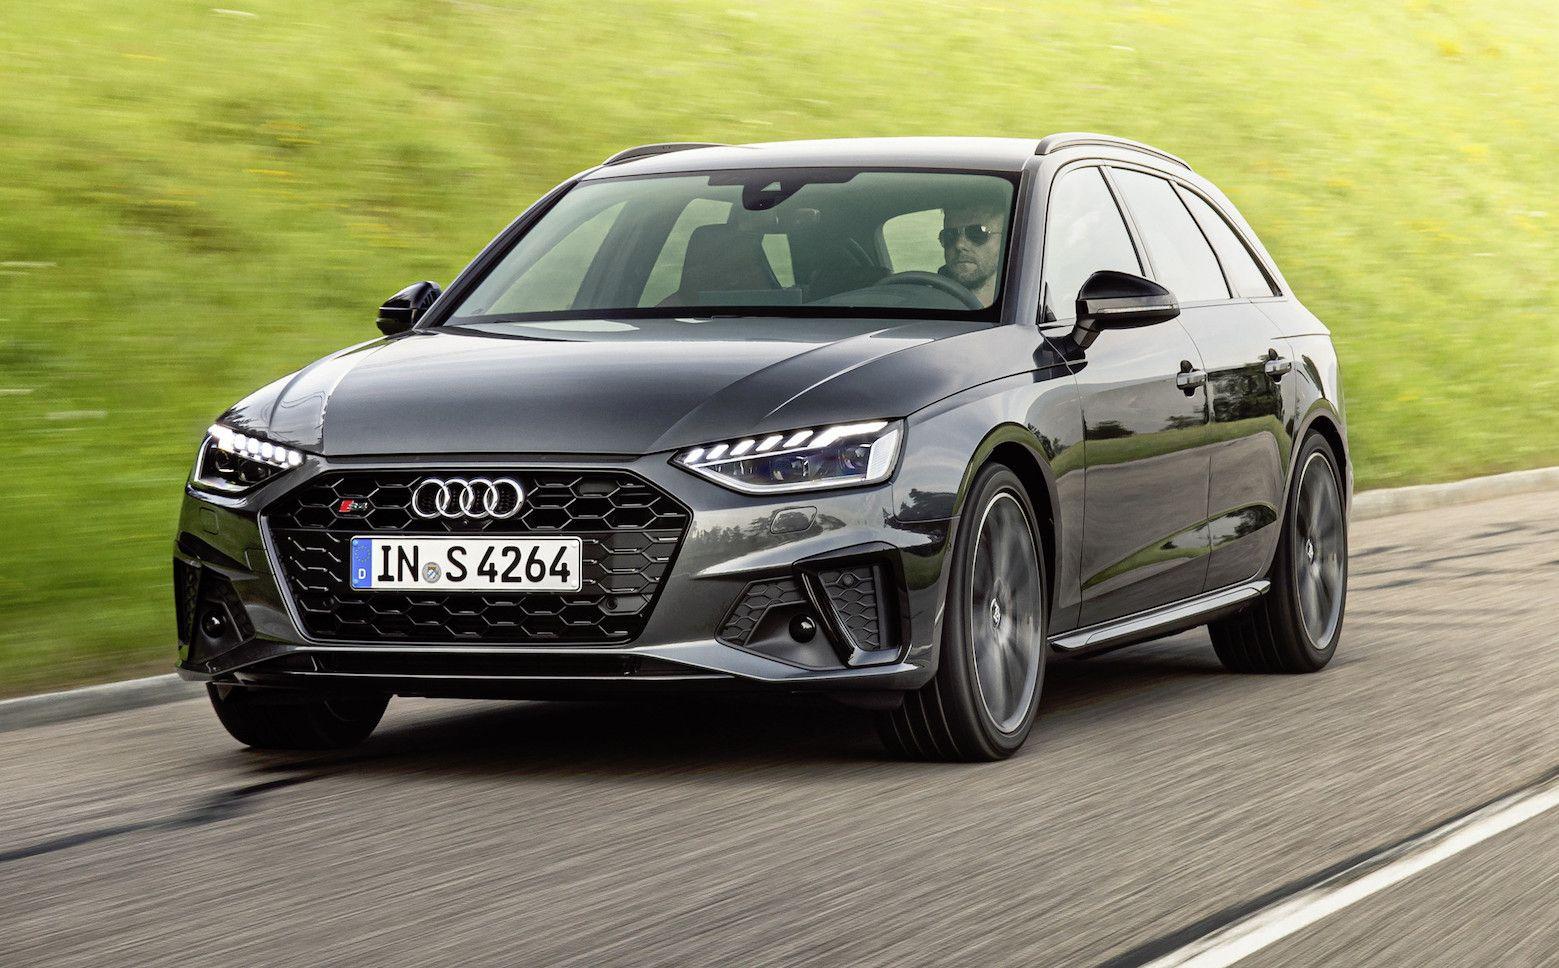 Audi S4 Avant Tdi La Rivincita Del Diesel E Che Rivincita Nel 2020 Audi Diesel Gasolio